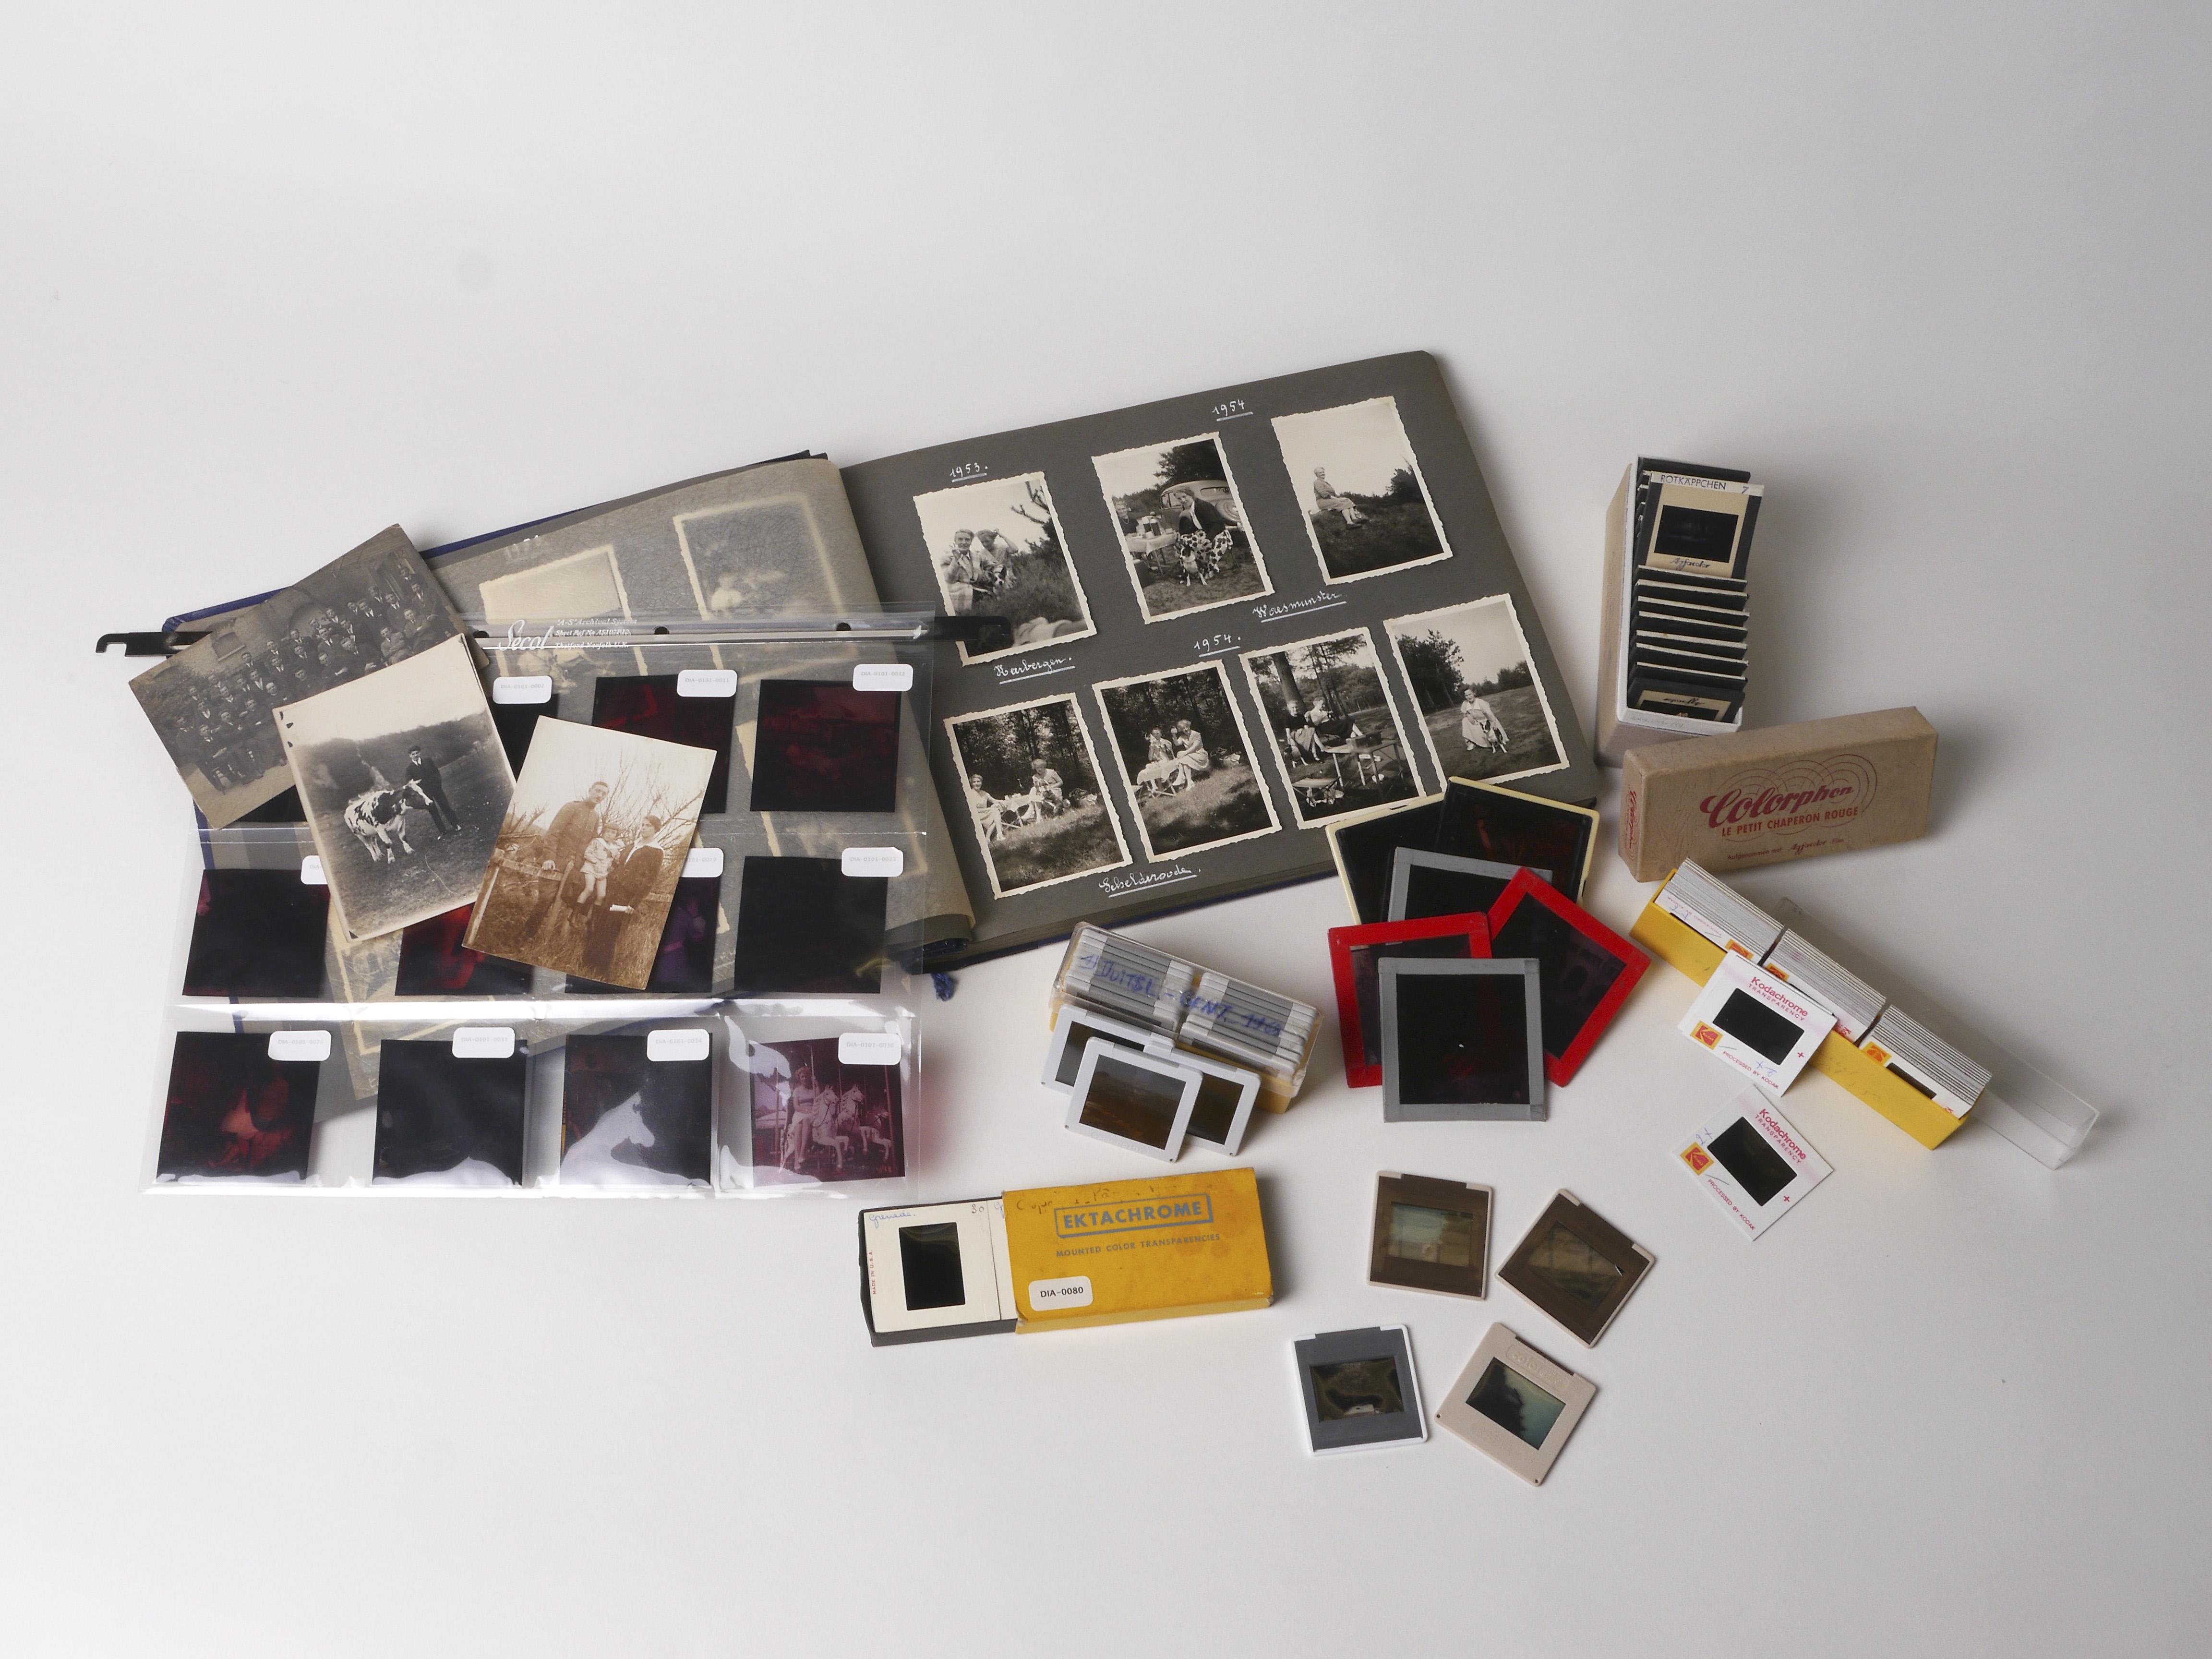 VIAA - het Vlaams Instituut voor Archivering - legt zich sinds 2013 toe op de digitalisering en duurzame archivering van audiovisueel materiaal. Dit jaar begonnen ze aan een verkennend onderzoek naar analoog fotomateriaal: wat voor collecties zijn er, wie bewaart ze en wat wordt er al gedaan naar preservering? Om een zo accuraat mogelijk beeld te krijgen van het Vlaamse fotolandschap, verspreidt VIAA nu een vragenlijst. Ook kunstenorganisaties die in het bezit zijn van een fotocollectie worden aangemoedigd deze in te vullen.